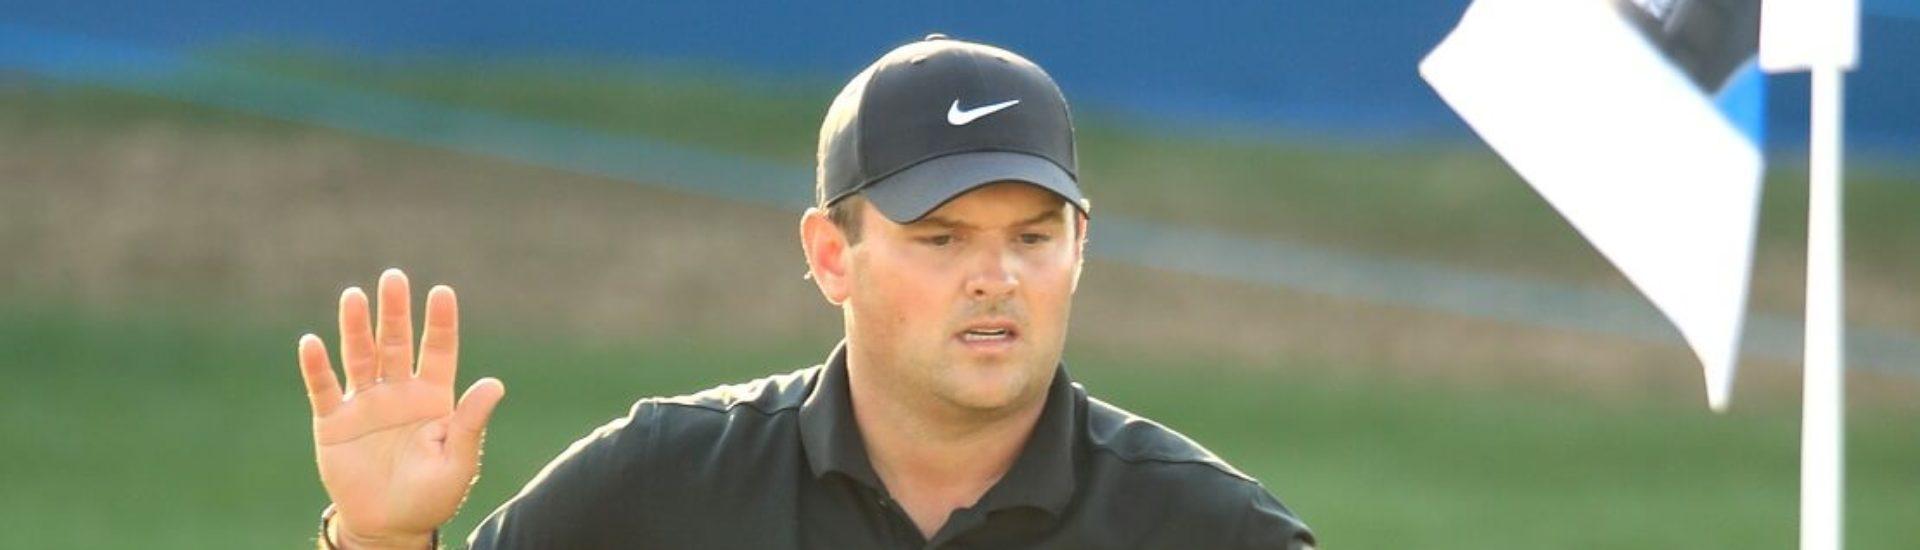 Golf-Stars und ihr Leben #19: Patrick Reed